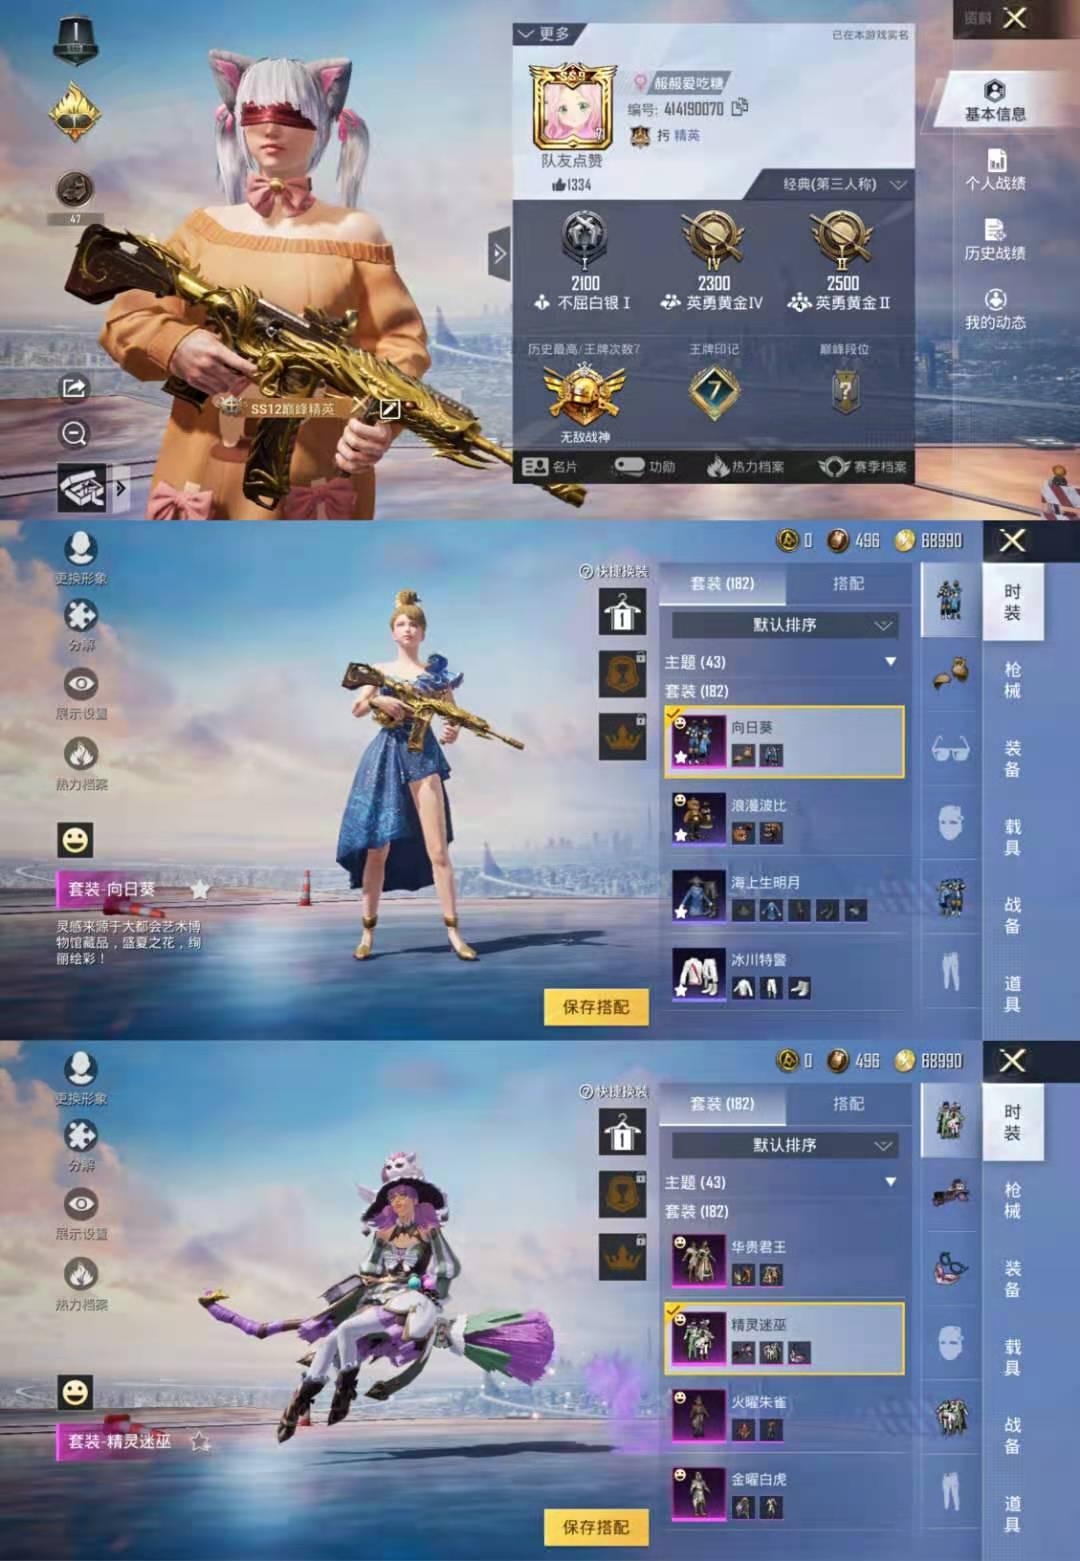 【安卓QQ】182套装-157枪皮-3载具   H16 小姐姐个人一手号转卖、三车金粉玛莎特斯拉▶战神框▶15粉彩虹金羽眼罩▶3特效枪金龙